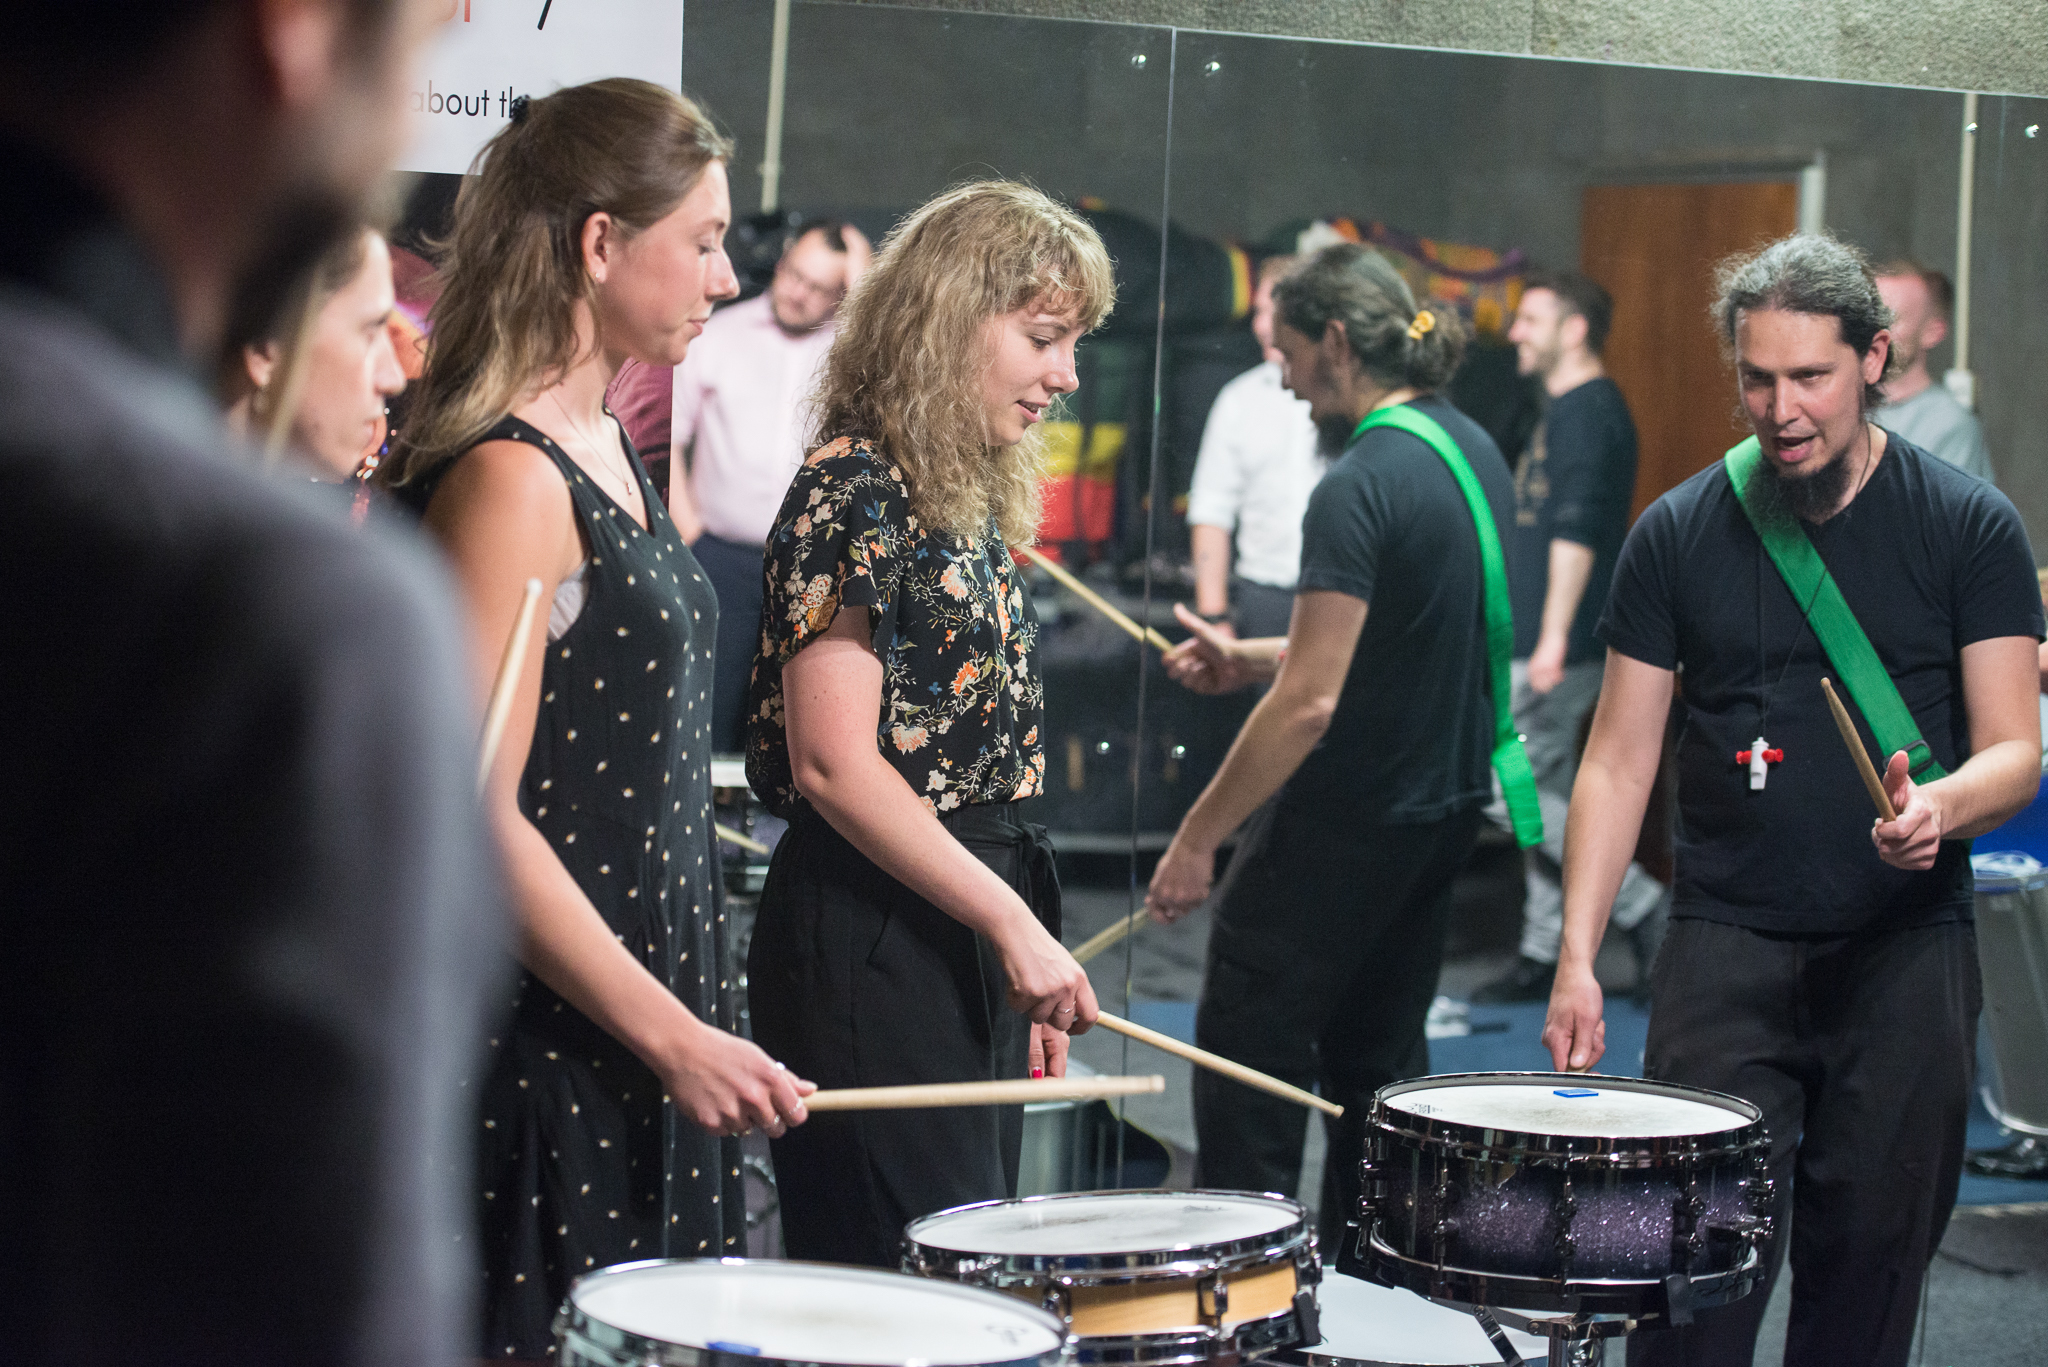 Monika_Piotrowska_Drum_Session-127